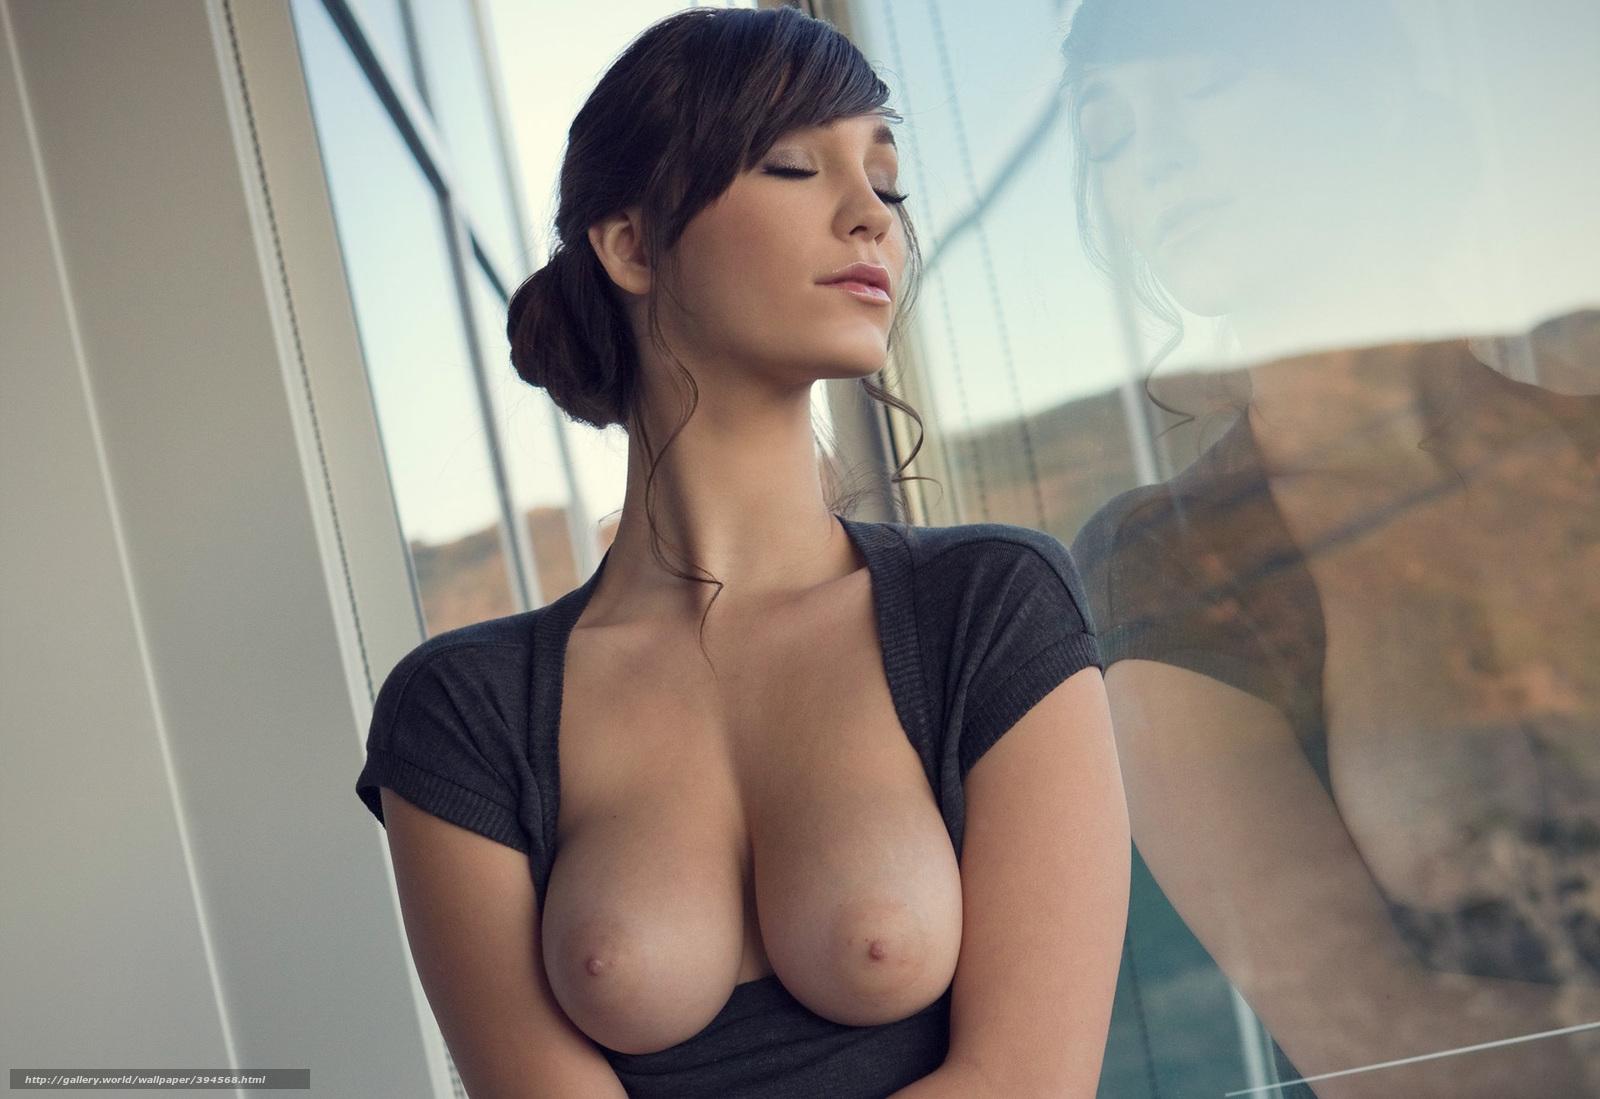 Титьки сиськи грудь 23 фотография